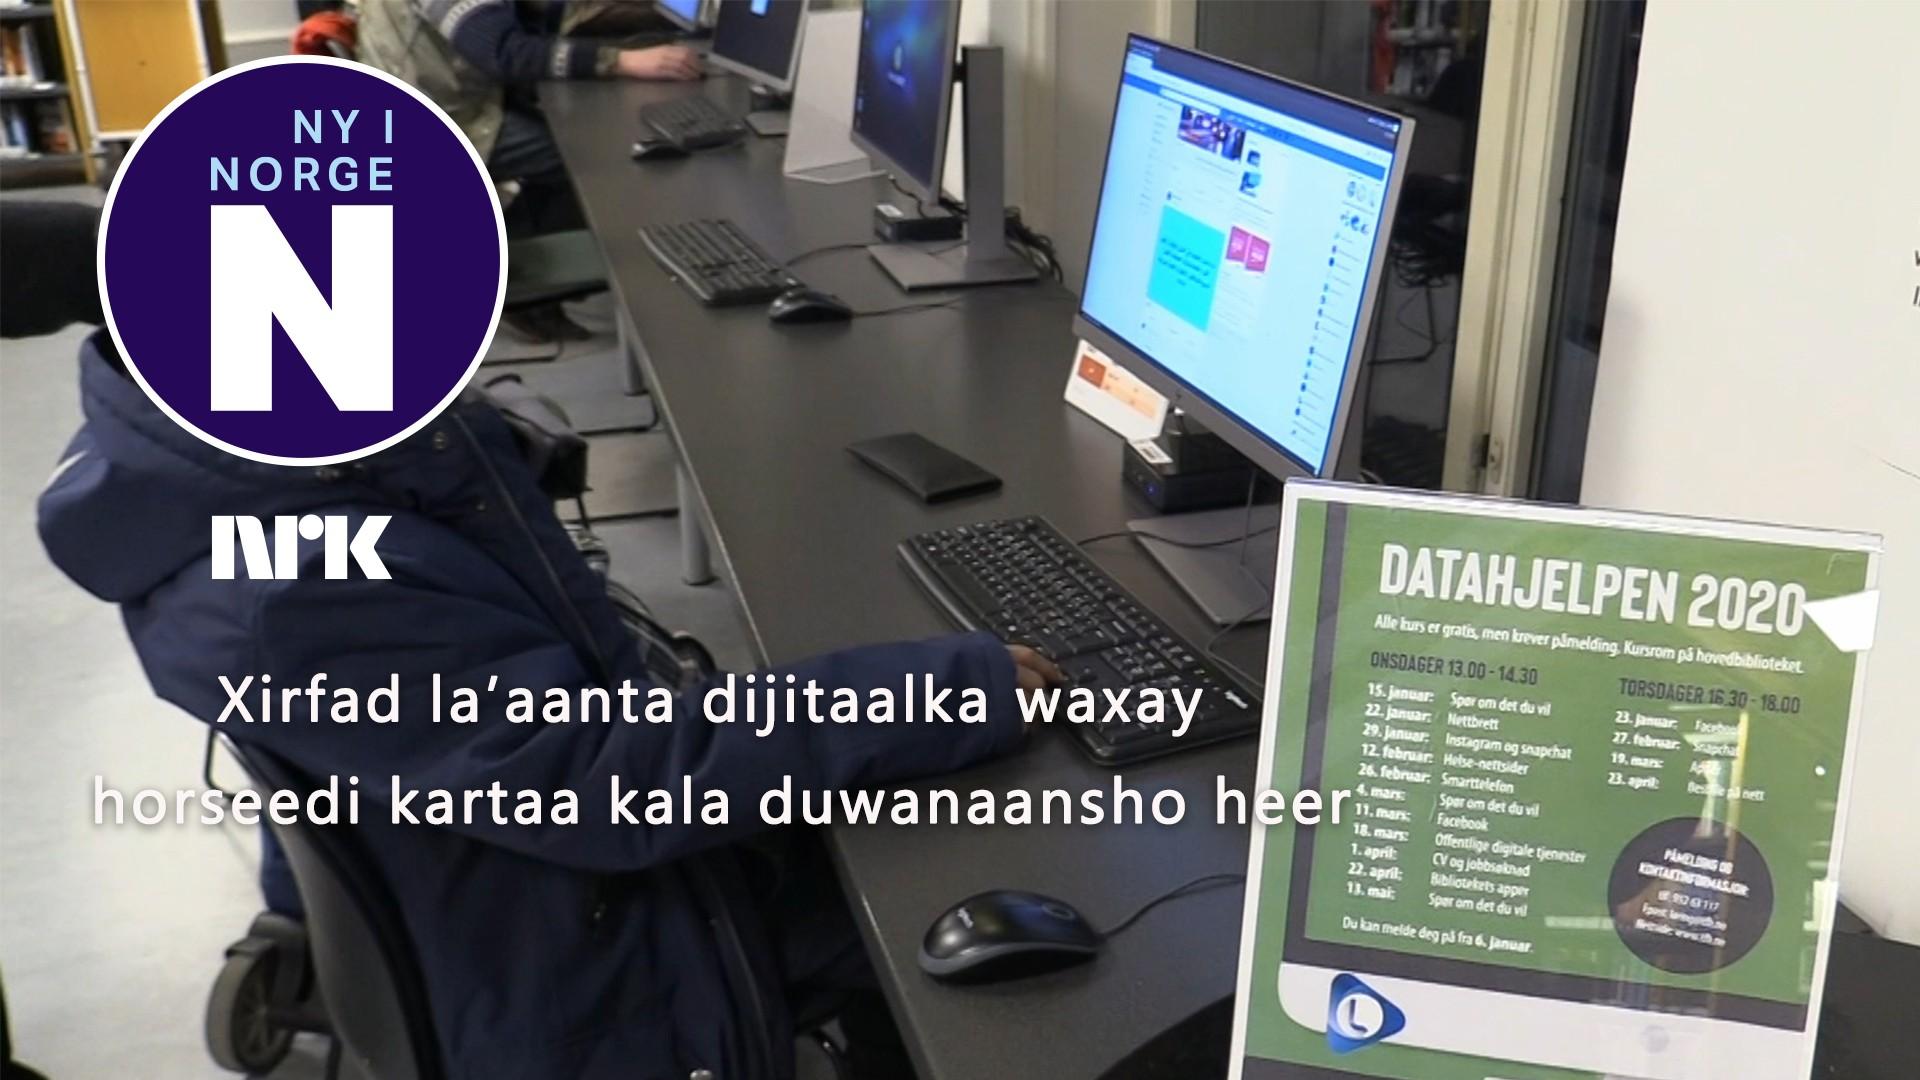 04.03.2020 Manglende digital kompetanse kan gi klasseskille